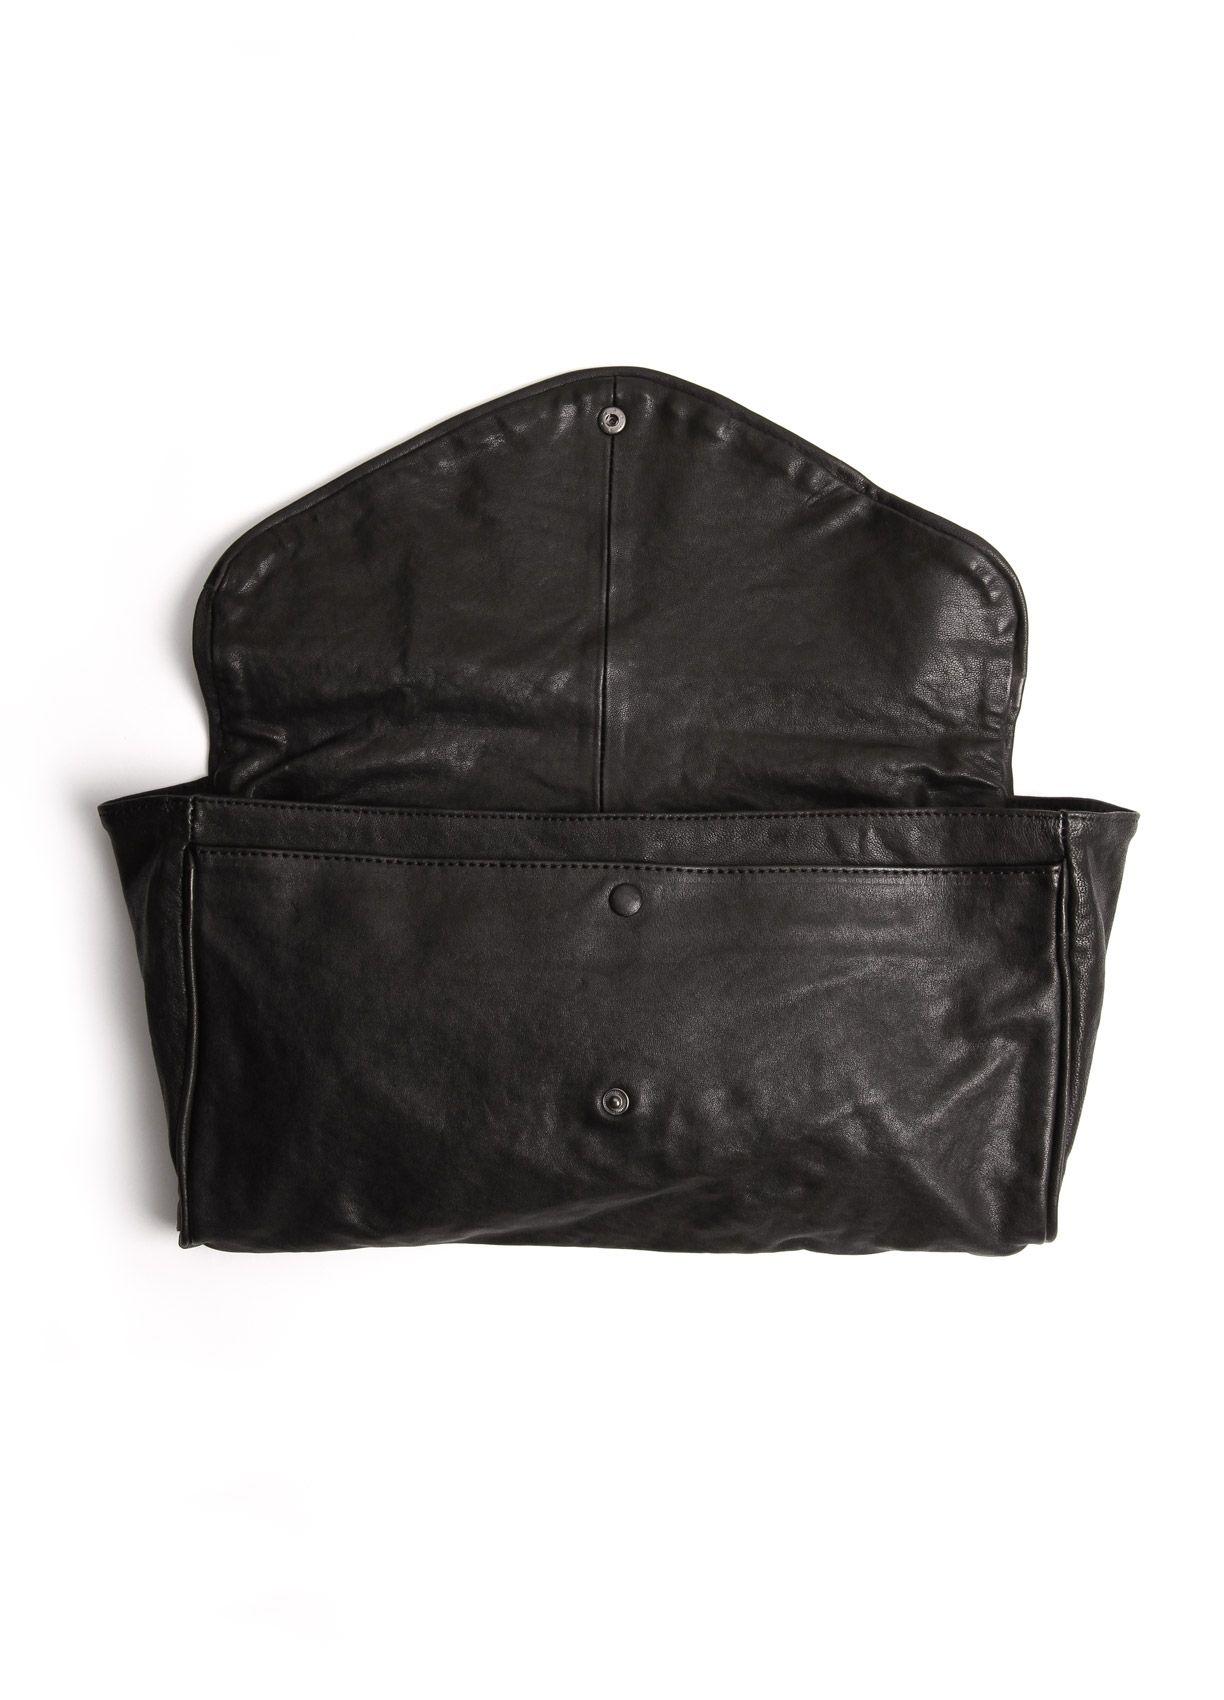 YVONNE KONÉ / Large Clutch (235€-50%) | Acolyth - vaatteita netistä, miesten ja naisten muoti, fashion online e-store